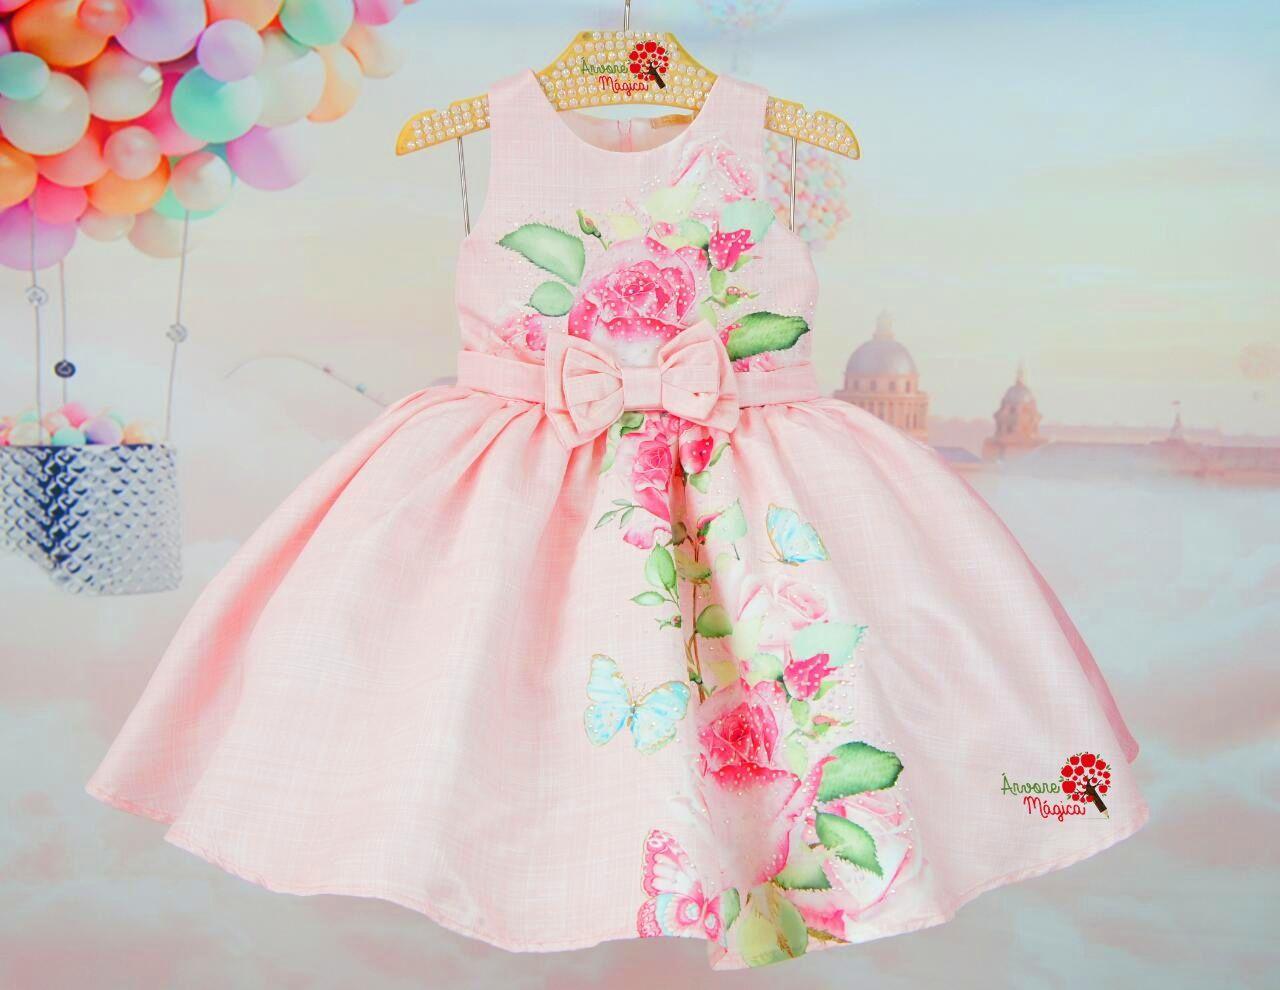 64d921b4e6 Árvore Mágica - Vestido de Festa Infantil Rosas Petit Cherie Vestido Bebê  Festa